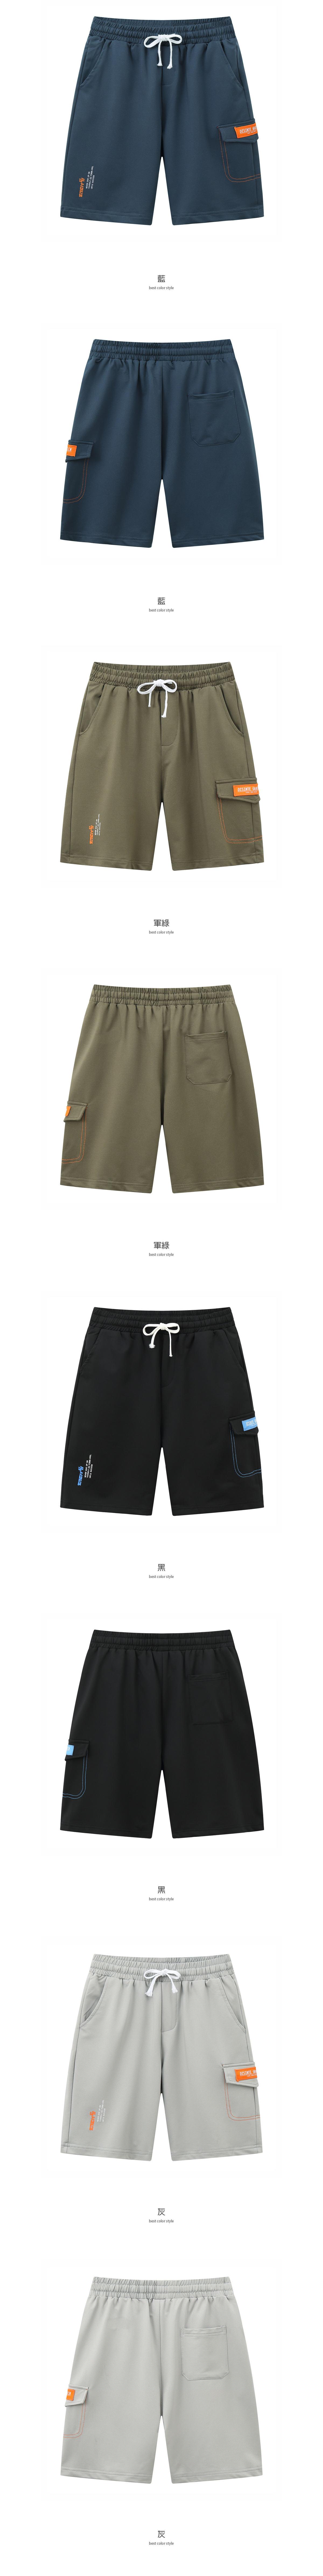 撞色布標設計休閒短褲